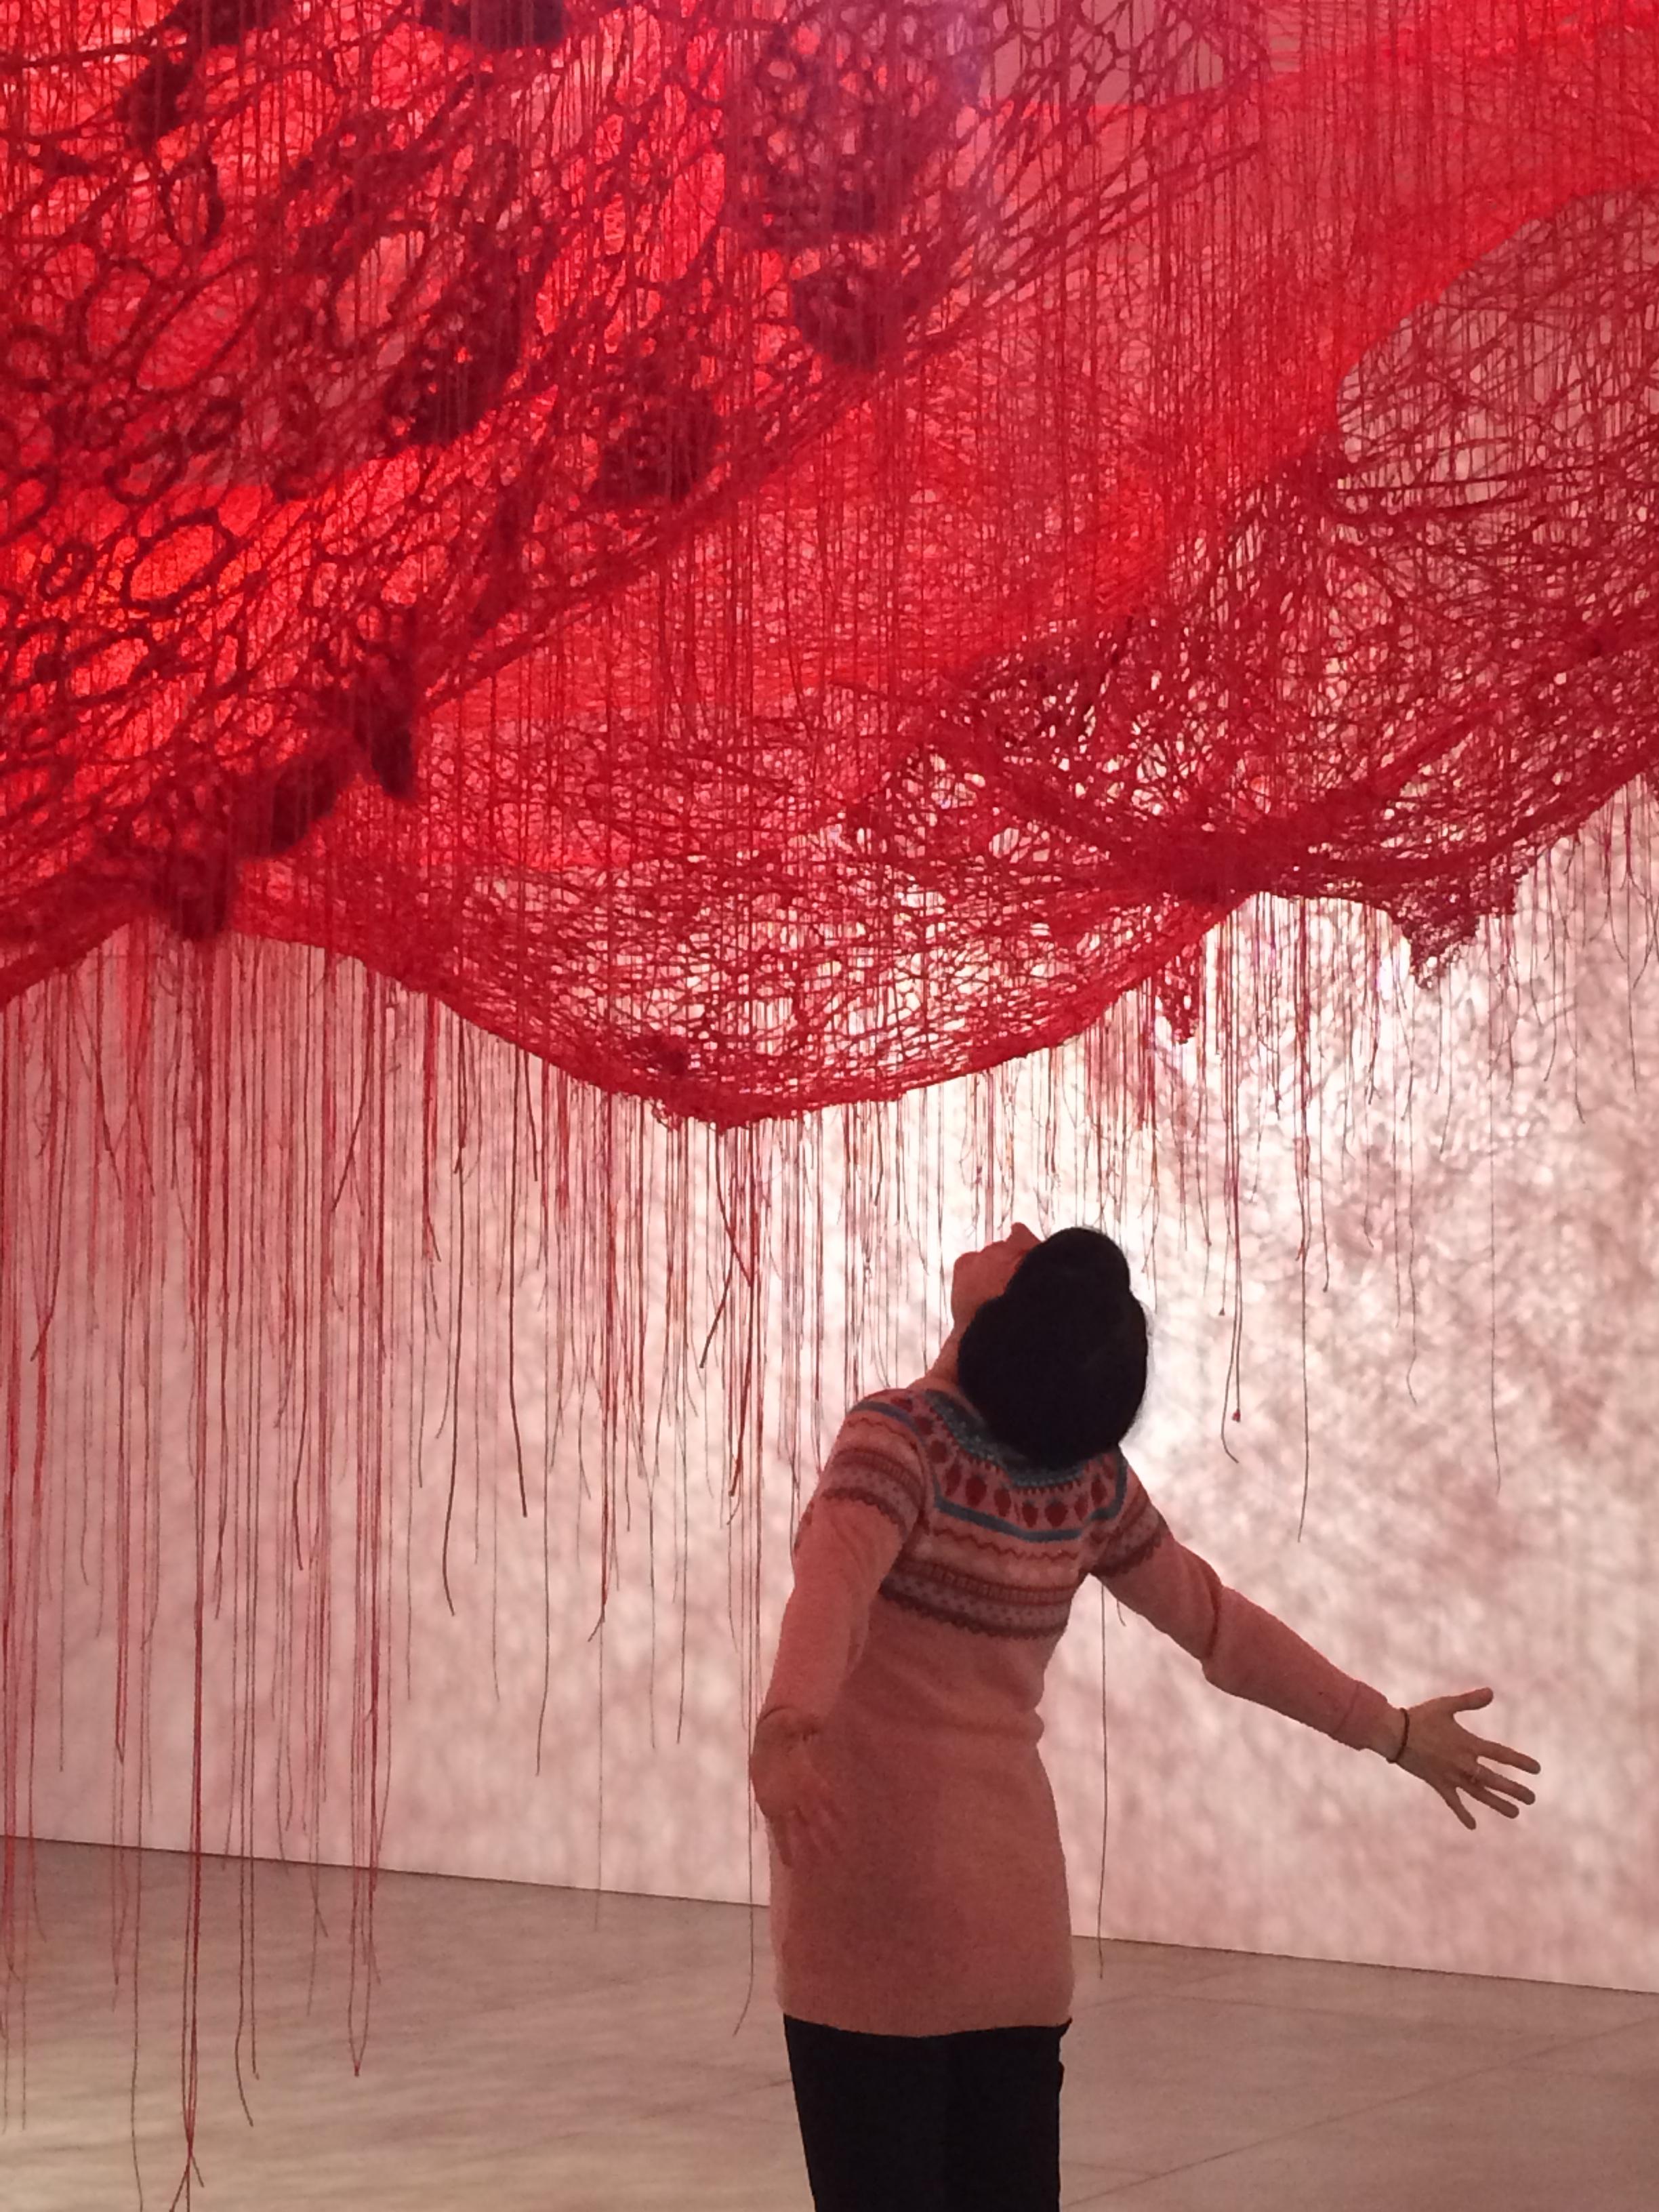 Chiharu Shiota - The art blueberry